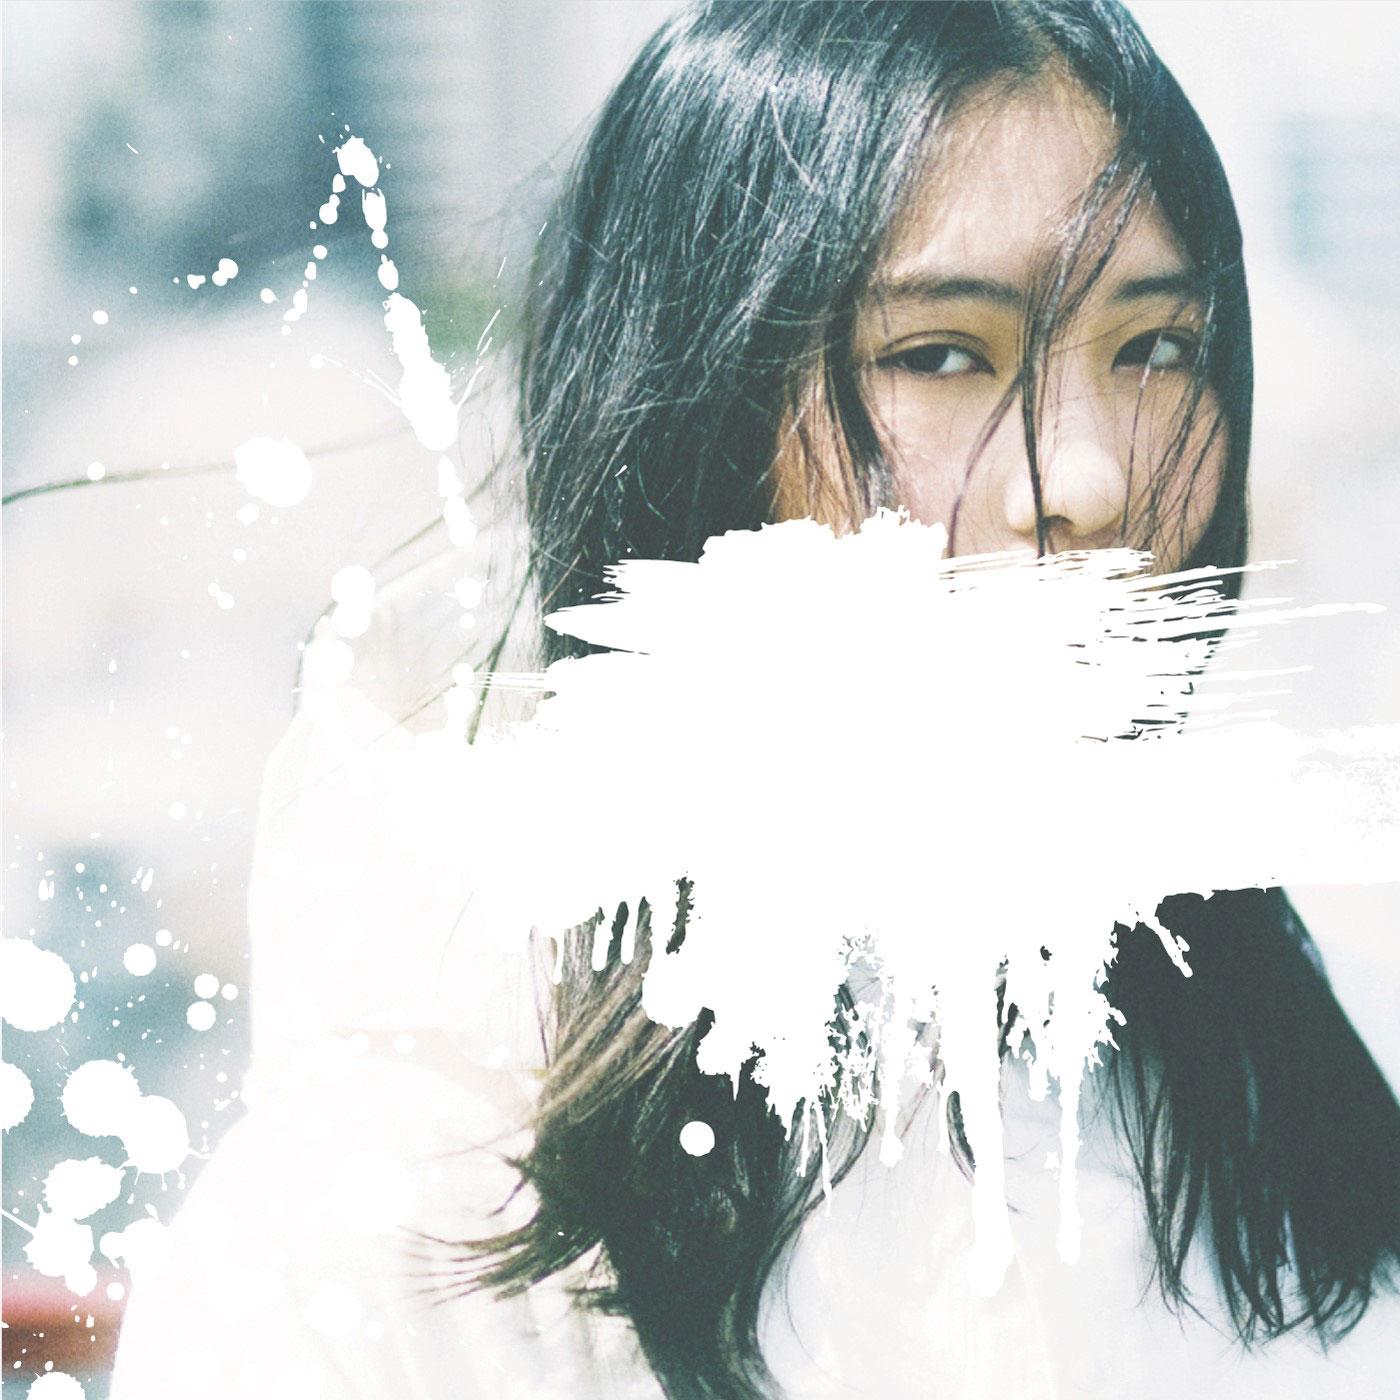 現役高校生のシンガーソングライター・琴音がセカンドシングルをリリース!